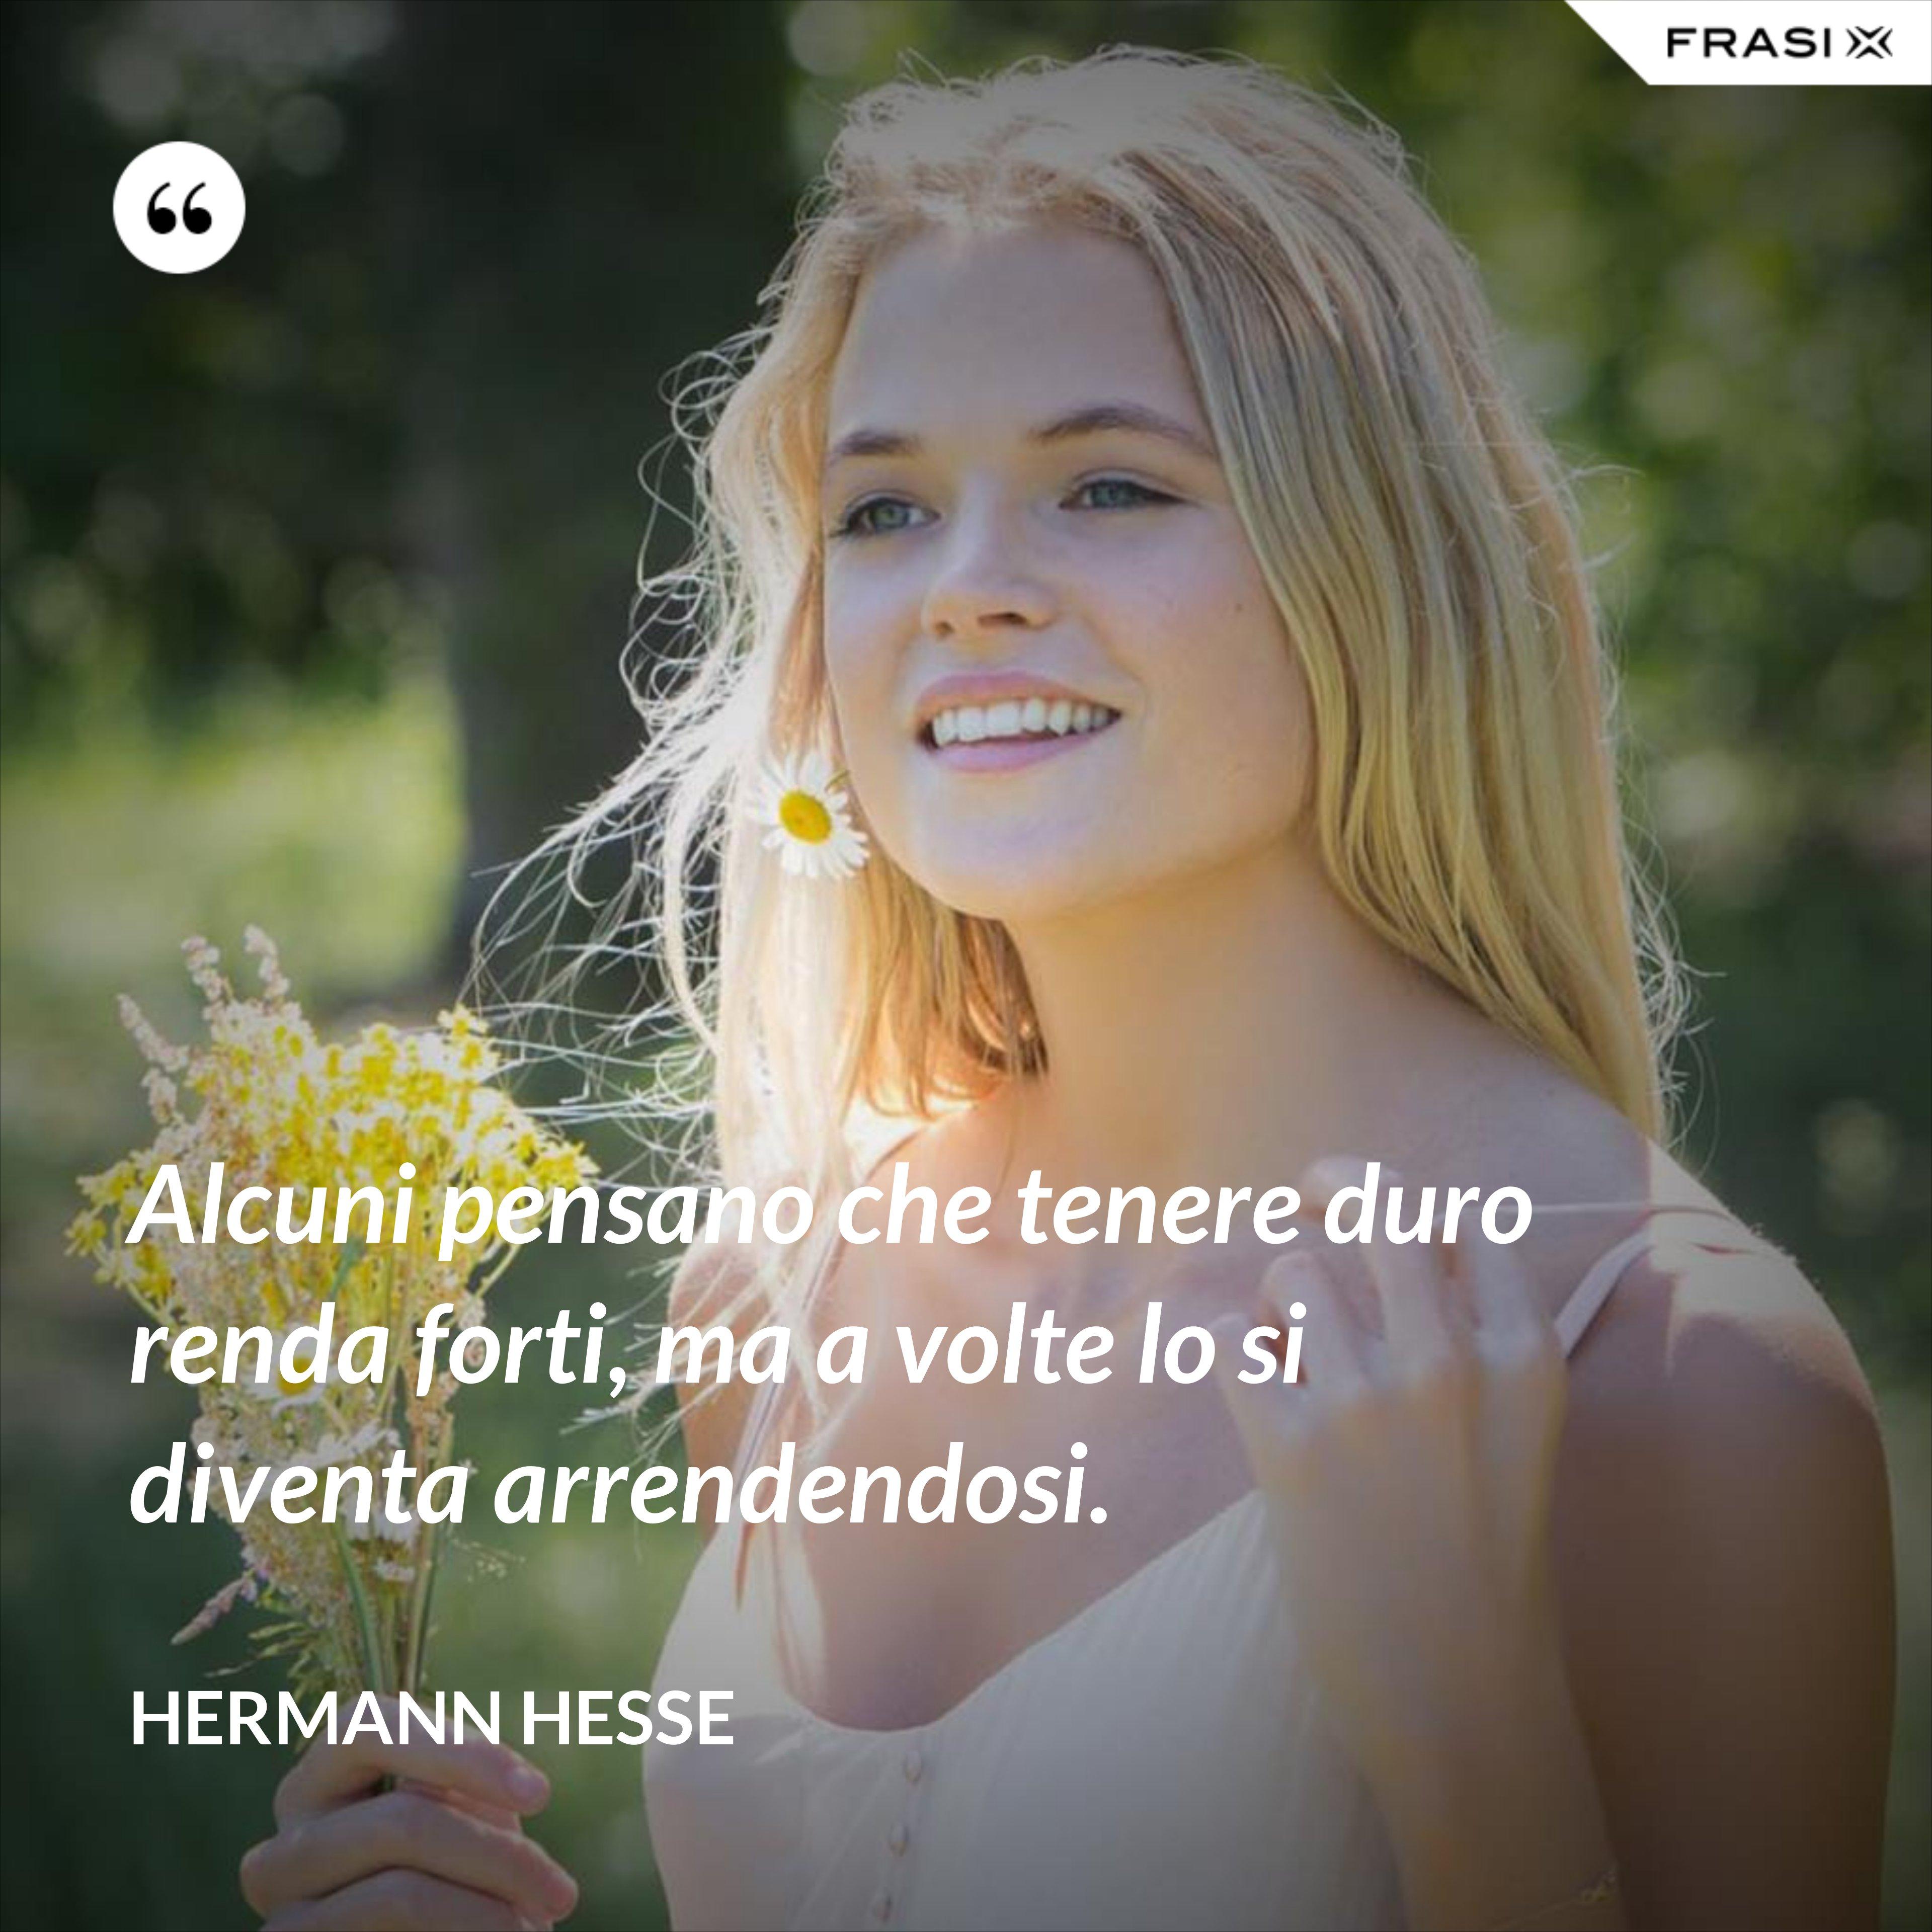 Alcuni pensano che tenere duro renda forti, ma a volte lo si diventa arrendendosi. - Hermann Hesse